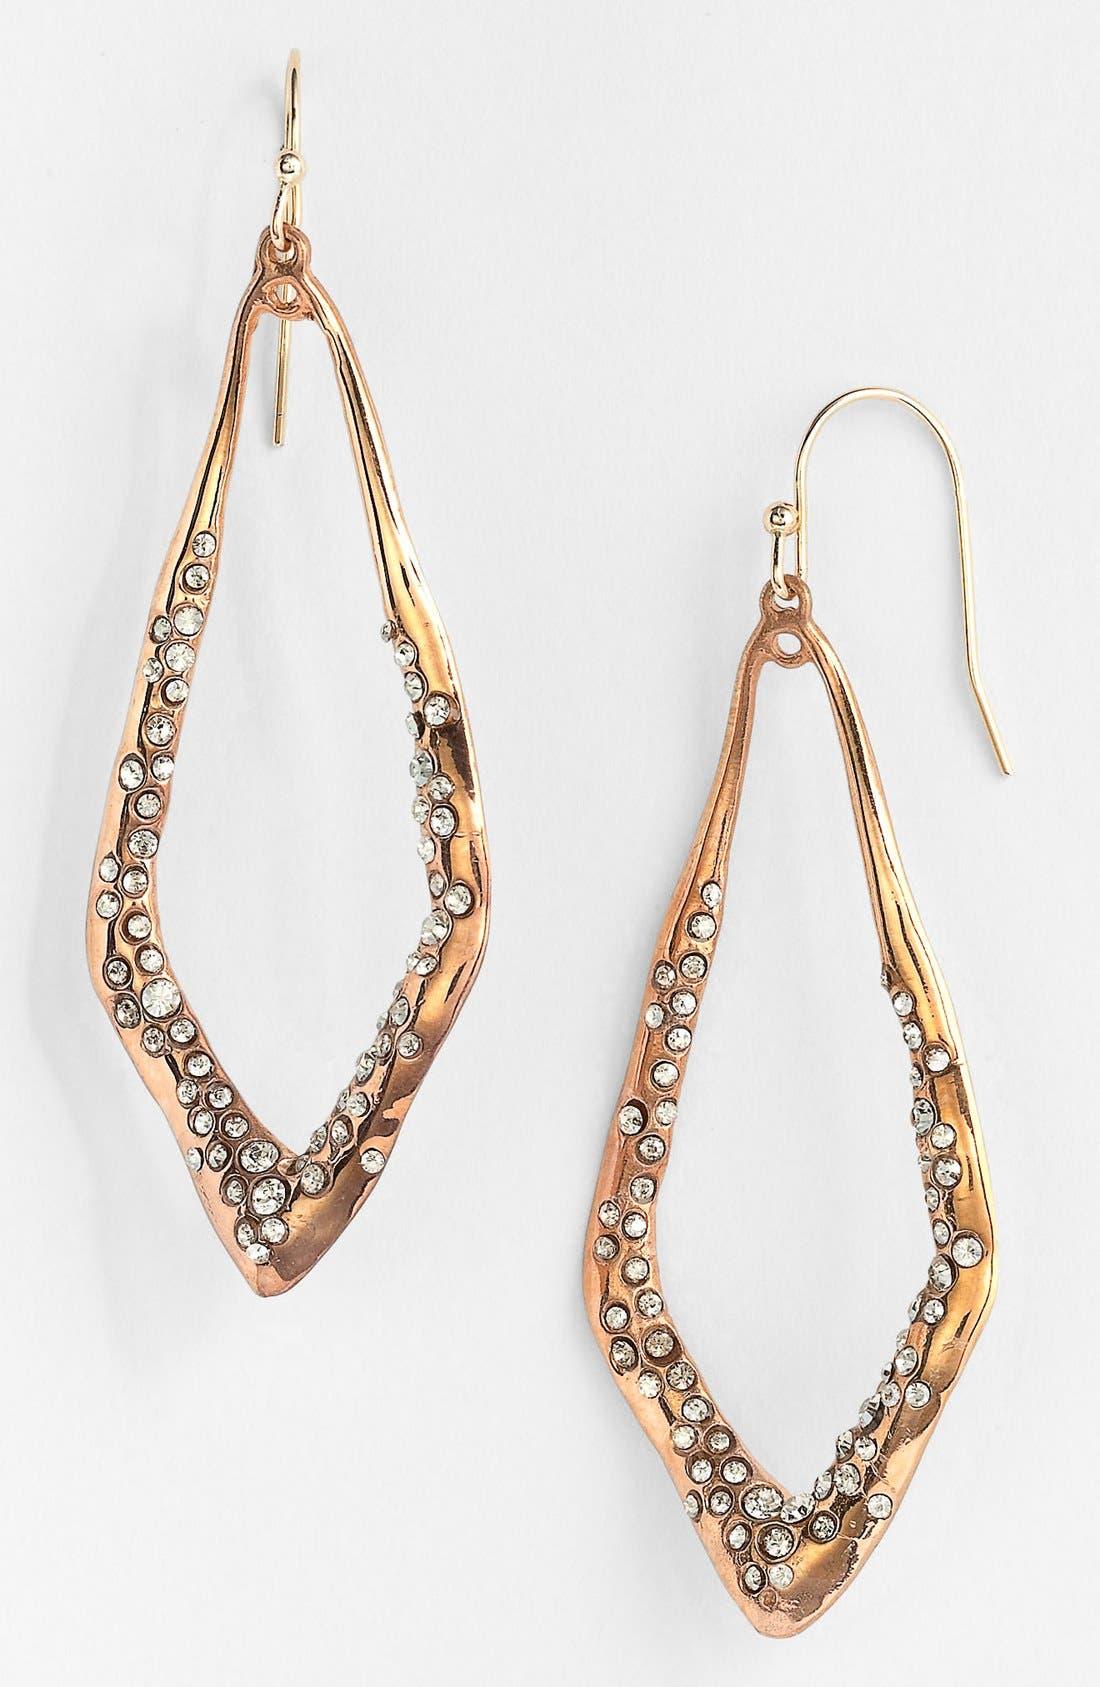 Main Image - Alexis Bittar 'Miss Havisham' Open Drop Earrings (Nordstrom Exclusive)